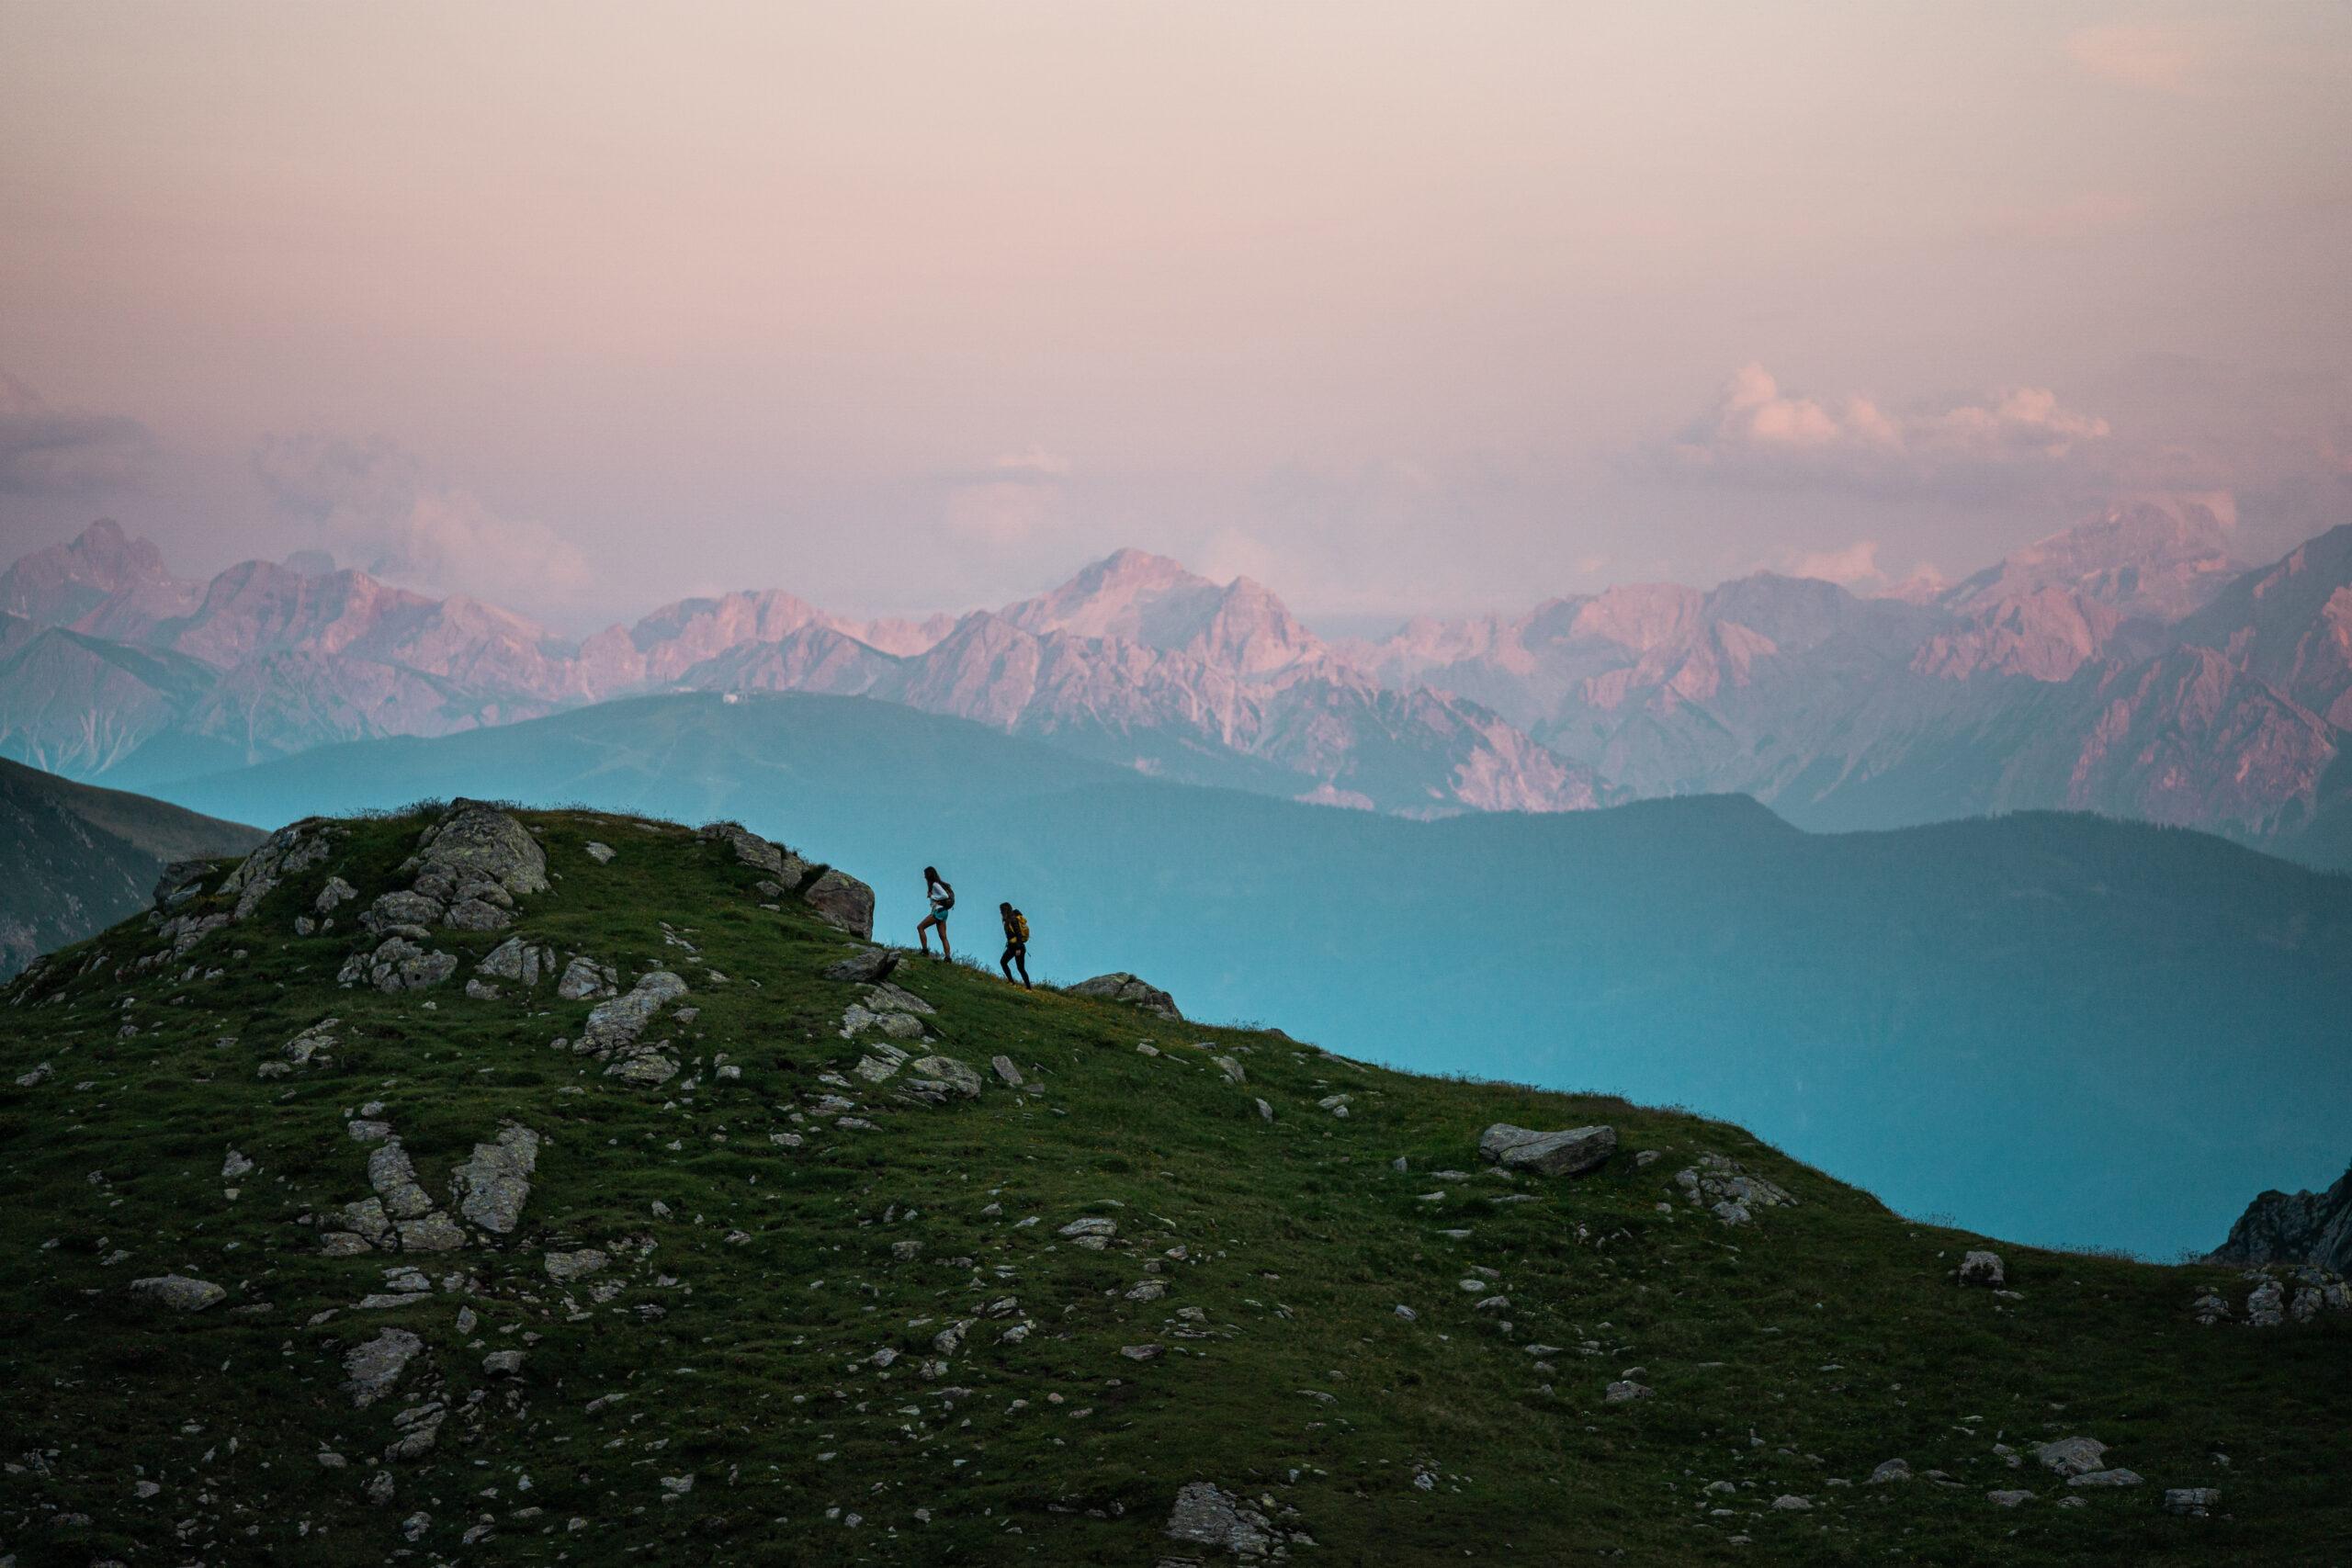 camminata in cima alle Dolomiti